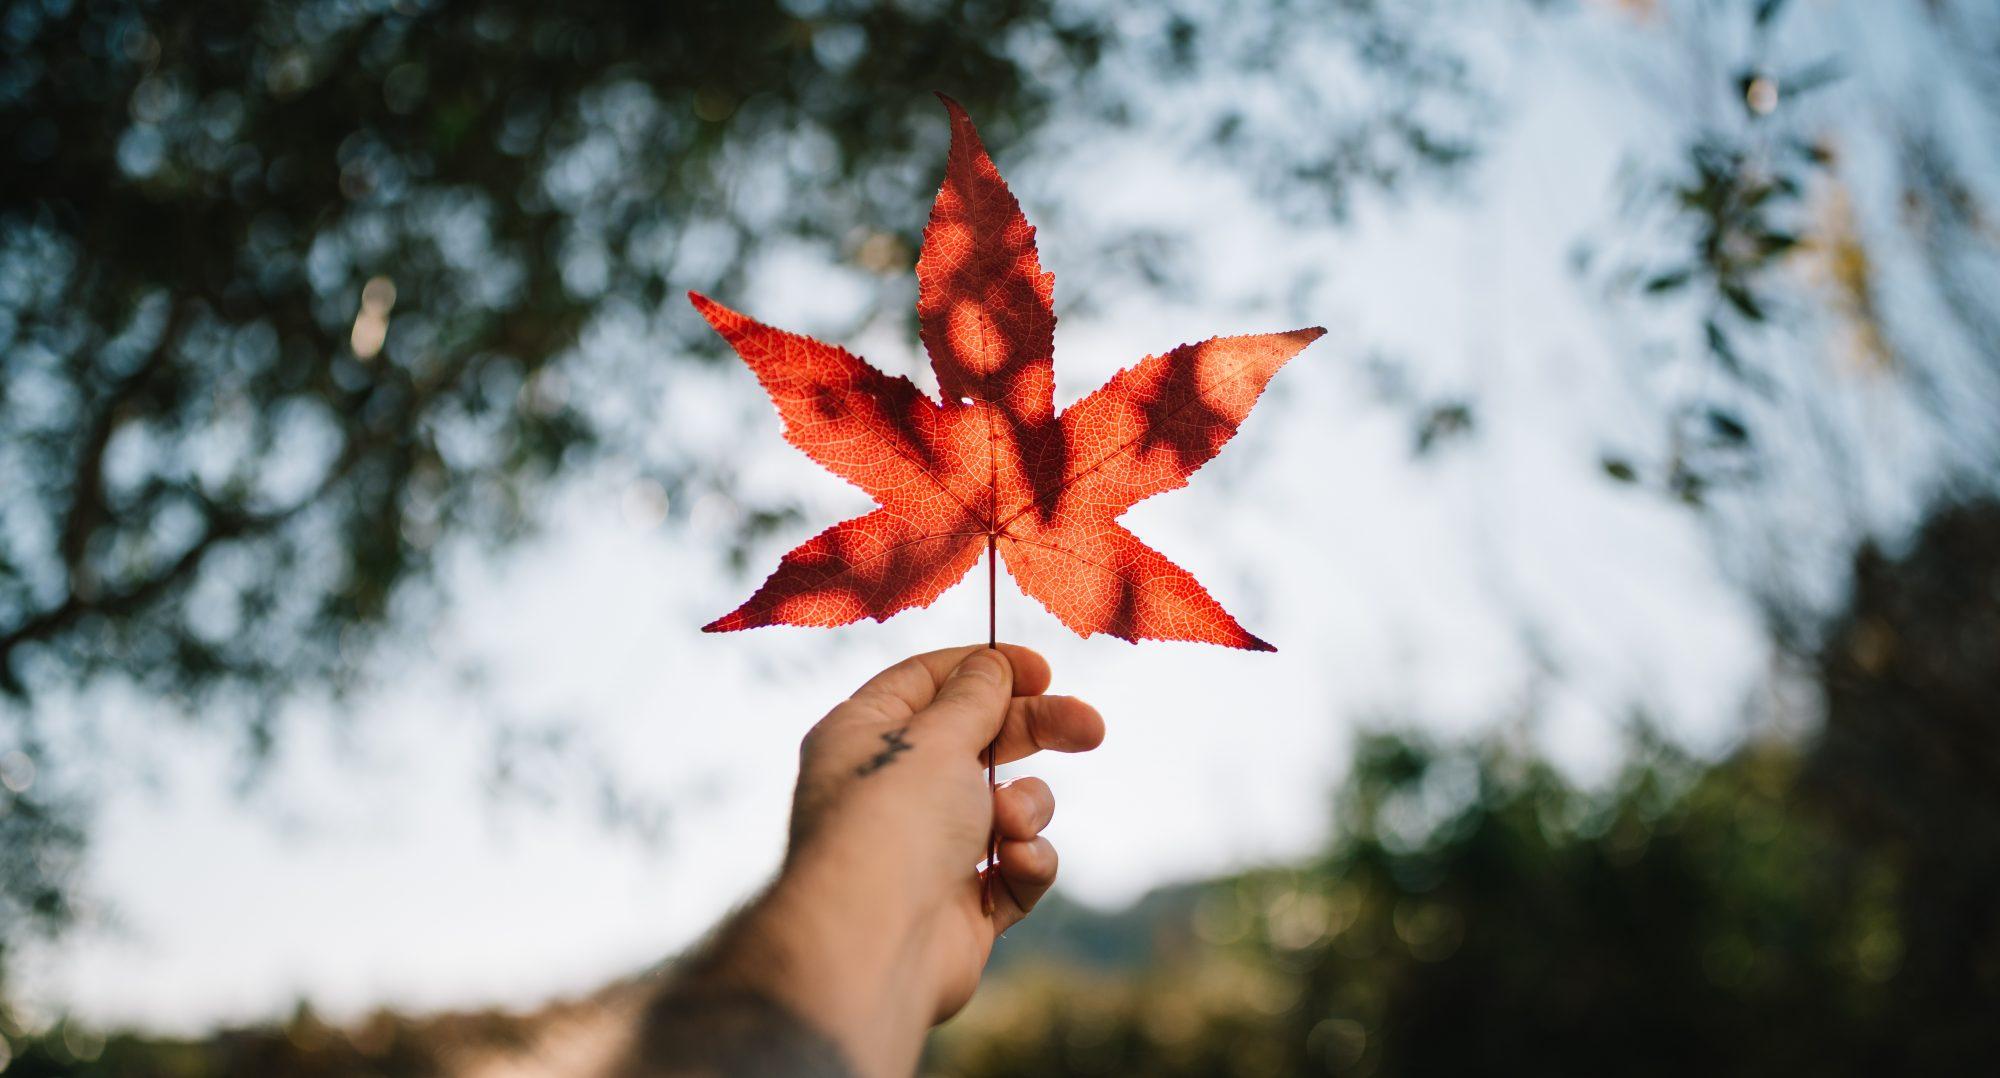 Enkel herfstblad, najaarscursus, houd jezelf gezond.